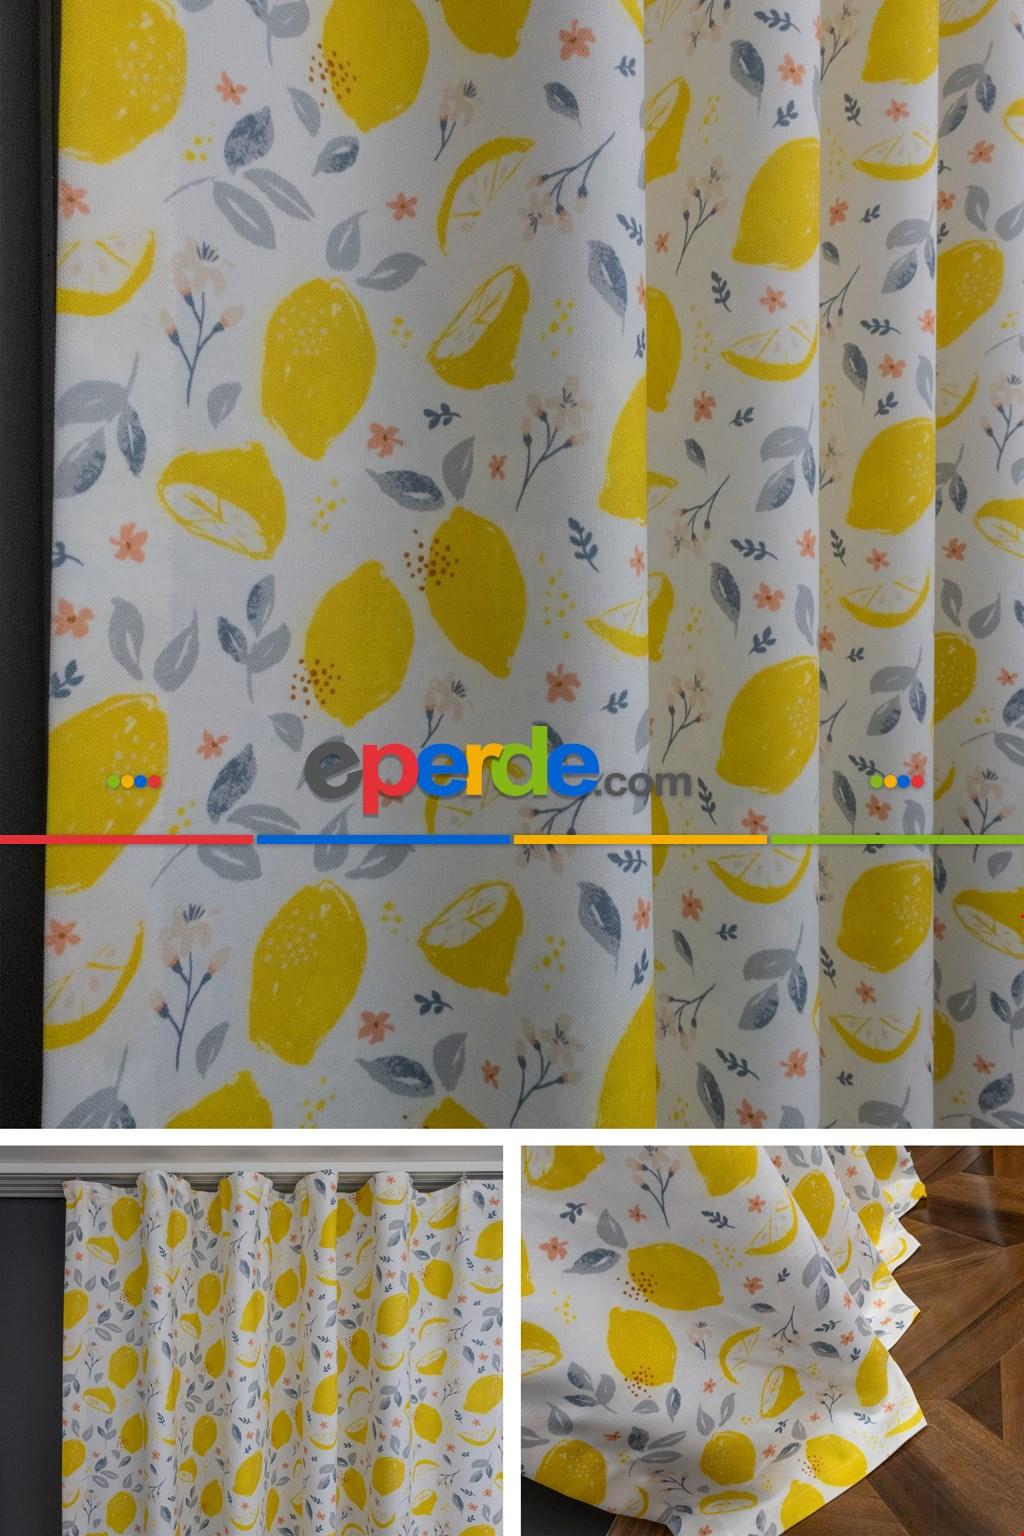 Mutfak - Sarı - Gri Limon Desenli Fon Perde